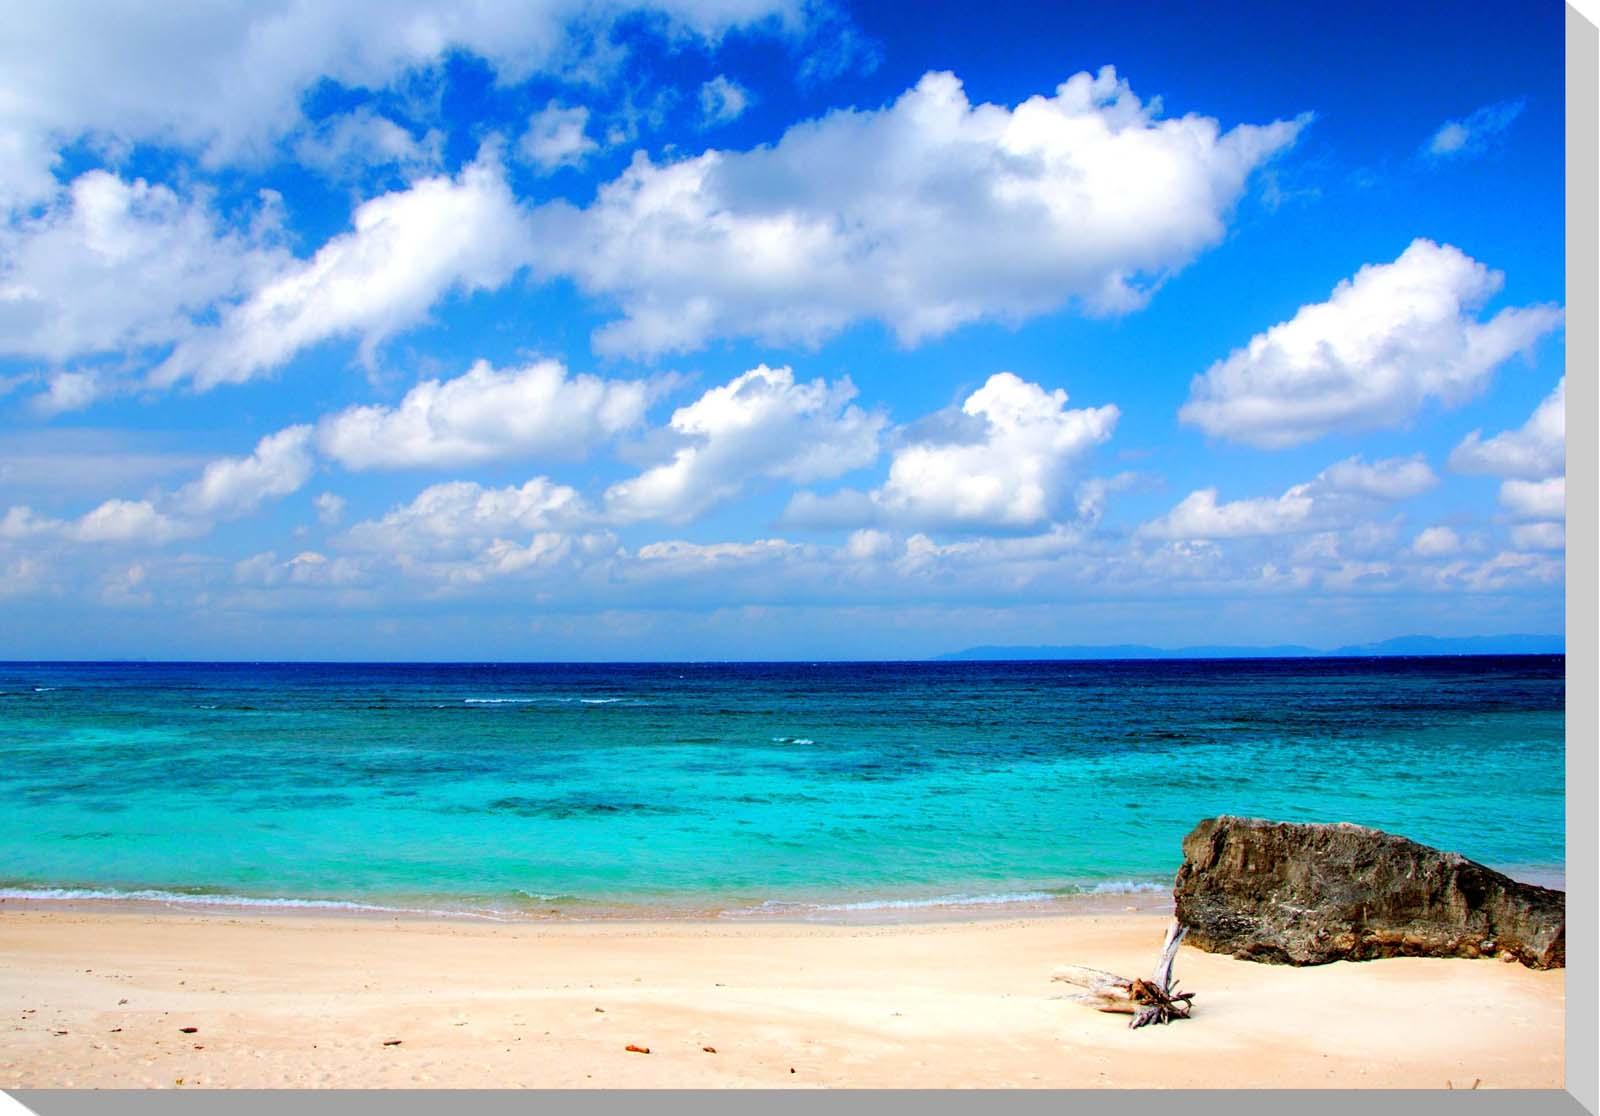 沖縄をひとり旅!のんびりおすすめの癒しスポットをご紹介!